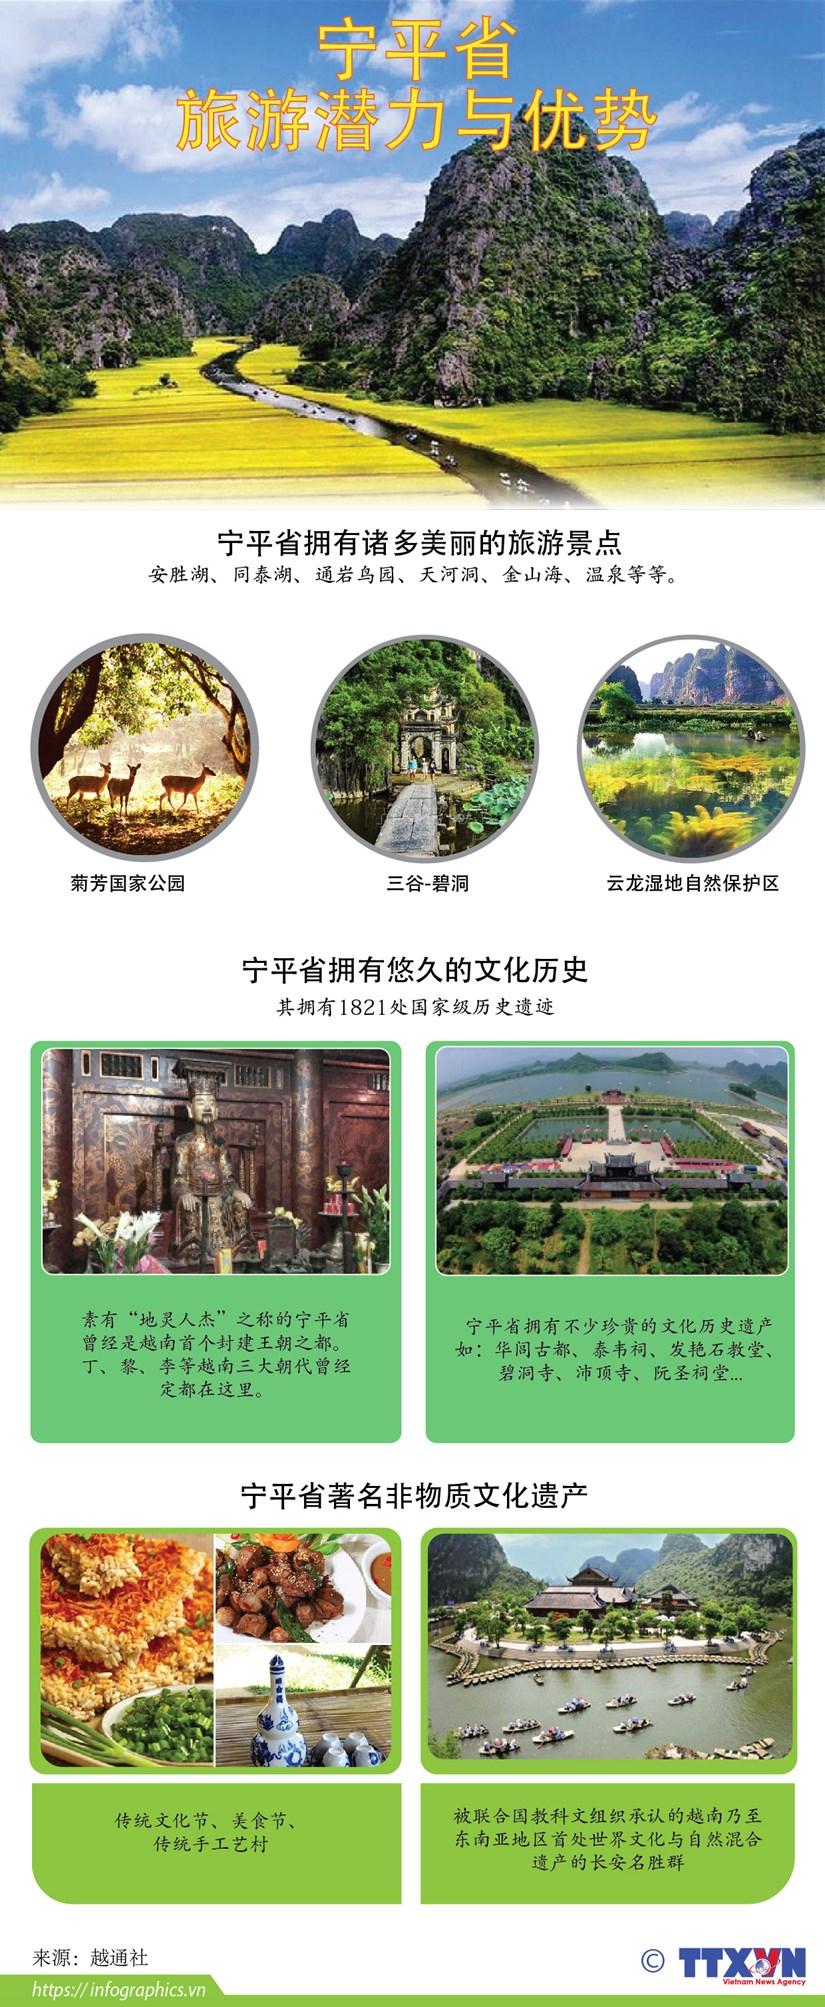 图表新闻:宁平省——越南美丽迷人的旅游景点 hinh anh 1